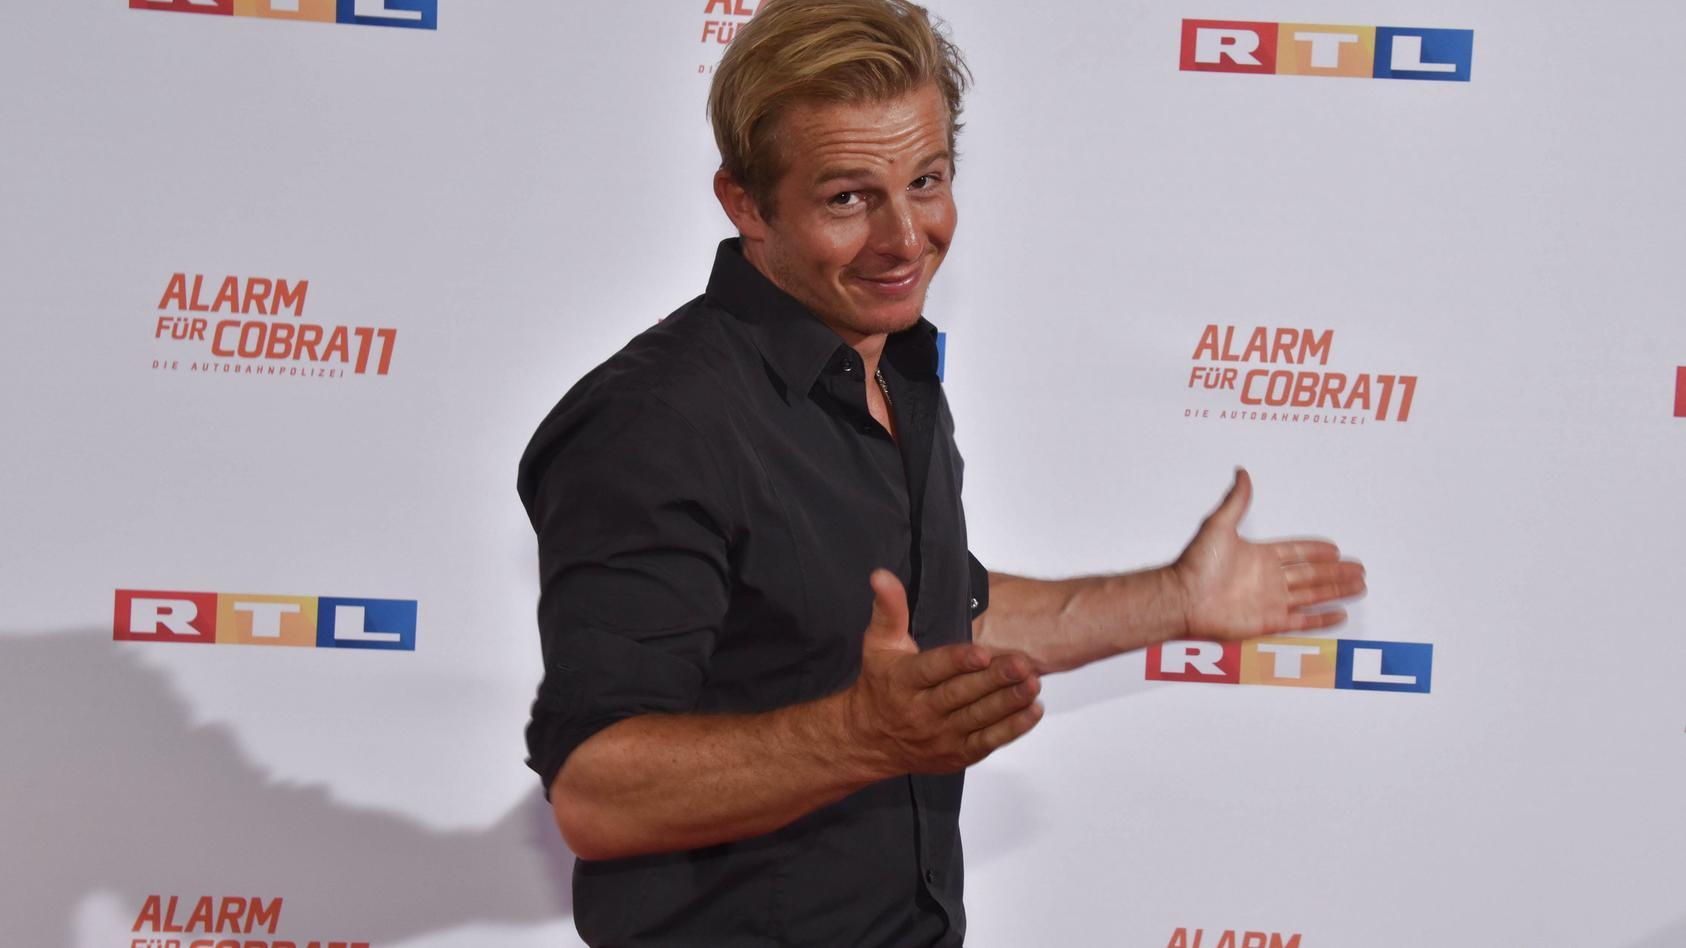 Schauspieler Daniel Roesner kommt am 11.09.2018 in Köln zum exklusiven Fan Preview der Auftakt der neuen Staffel der RT